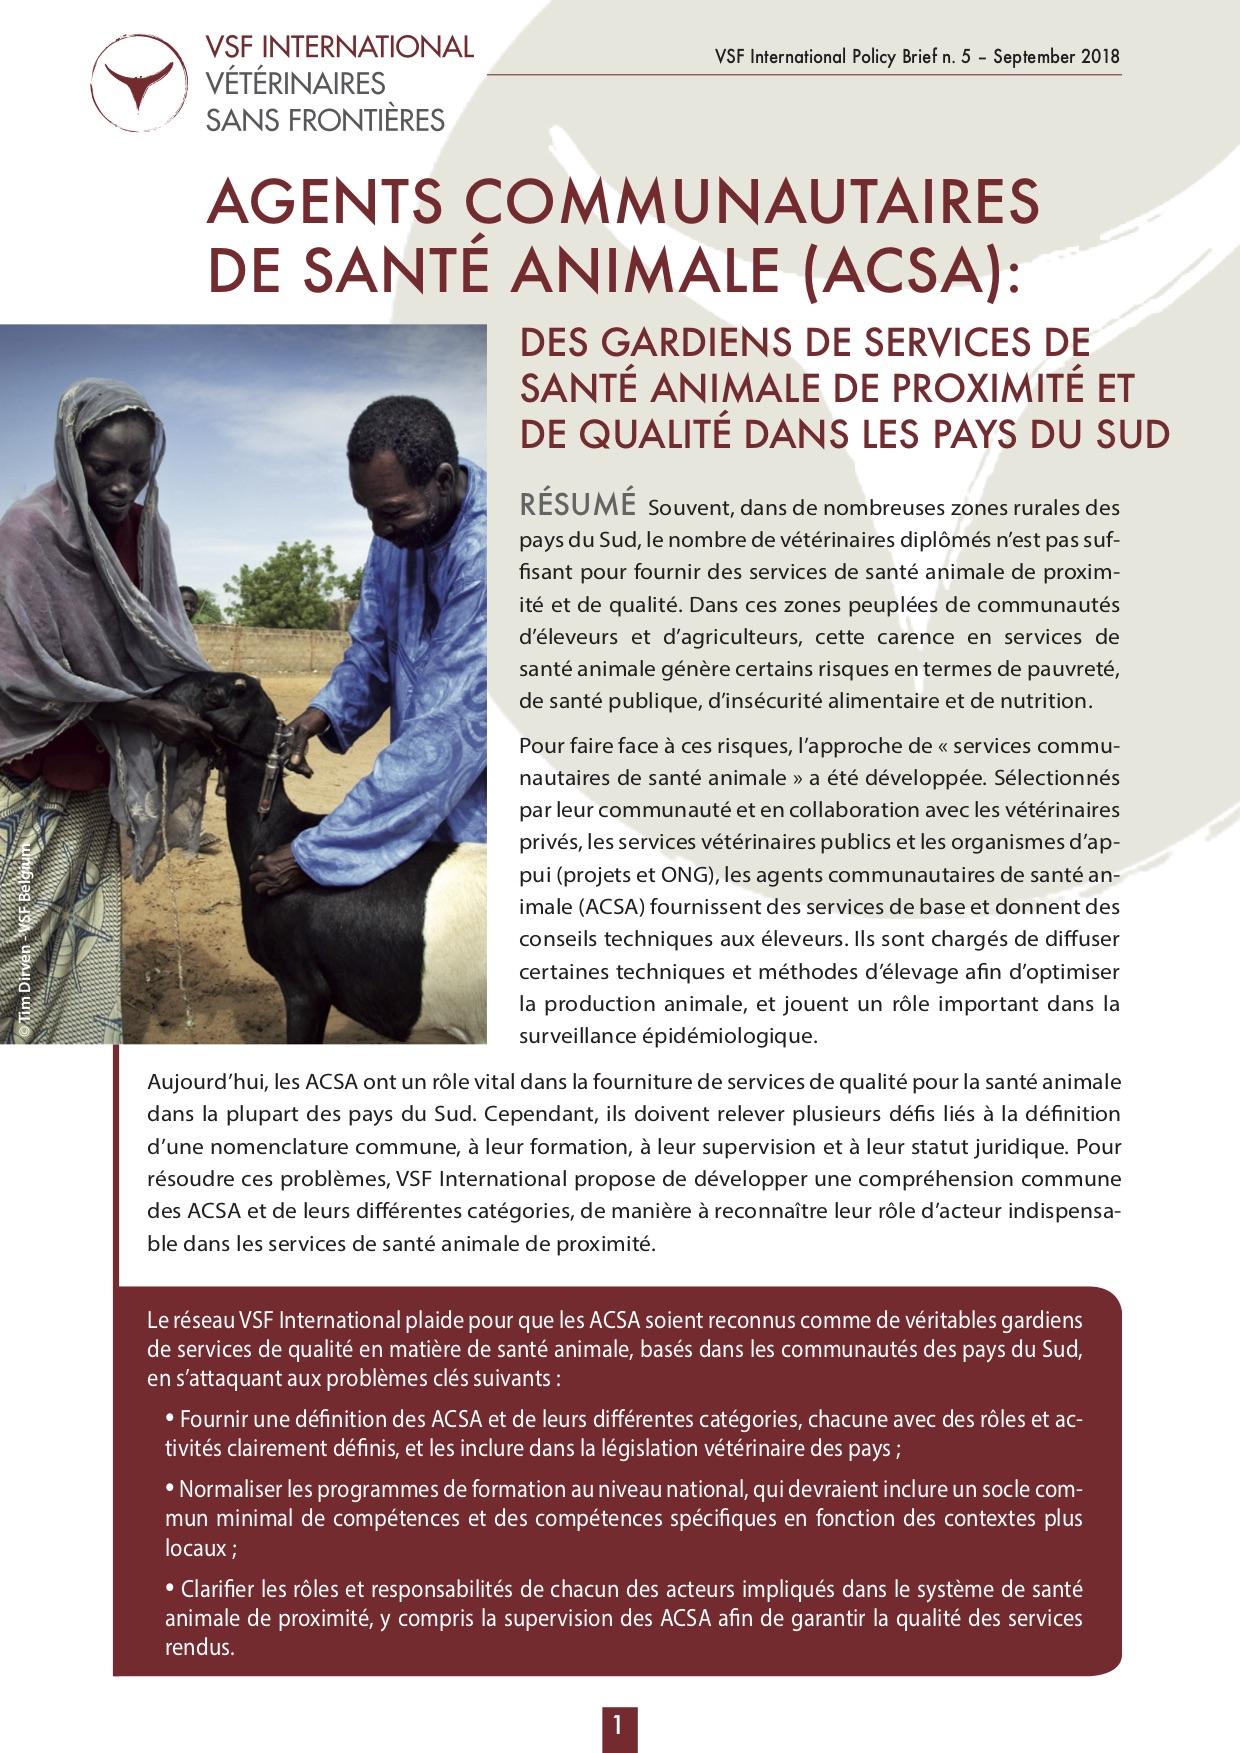 Agents communautaires de santé animale (ACSA) : des gardiens des services de santé animale de proximité et de qualité dans les pays du Sud Image principale